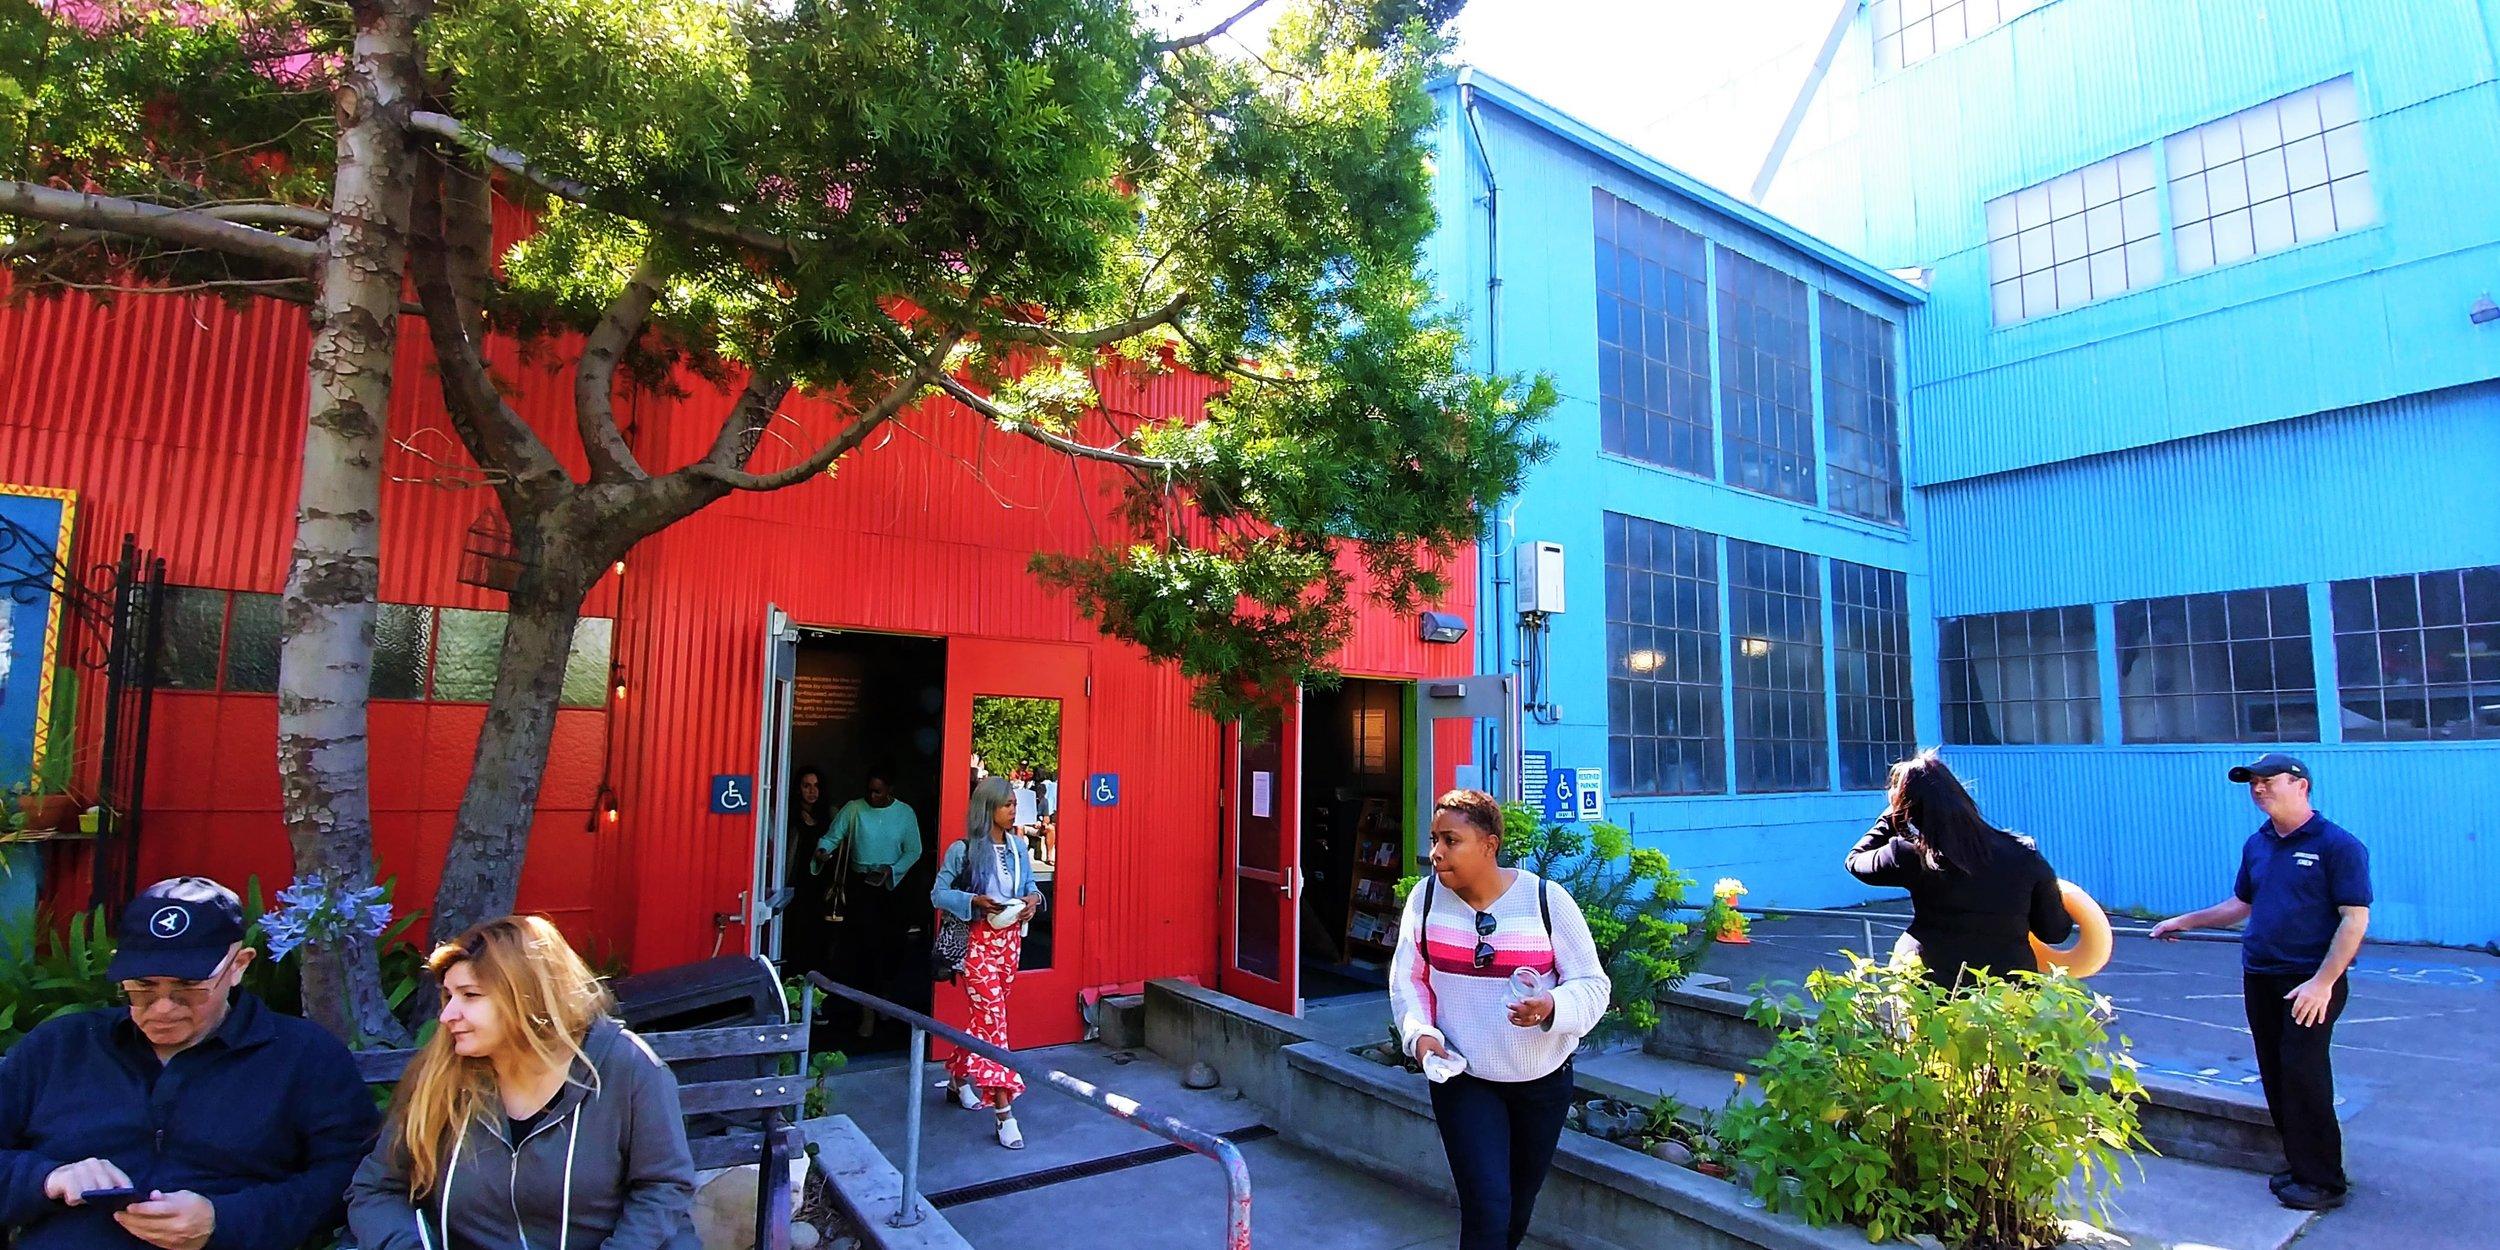 Outside SOMArts Cultural Center. SoMa District, San Francisco.